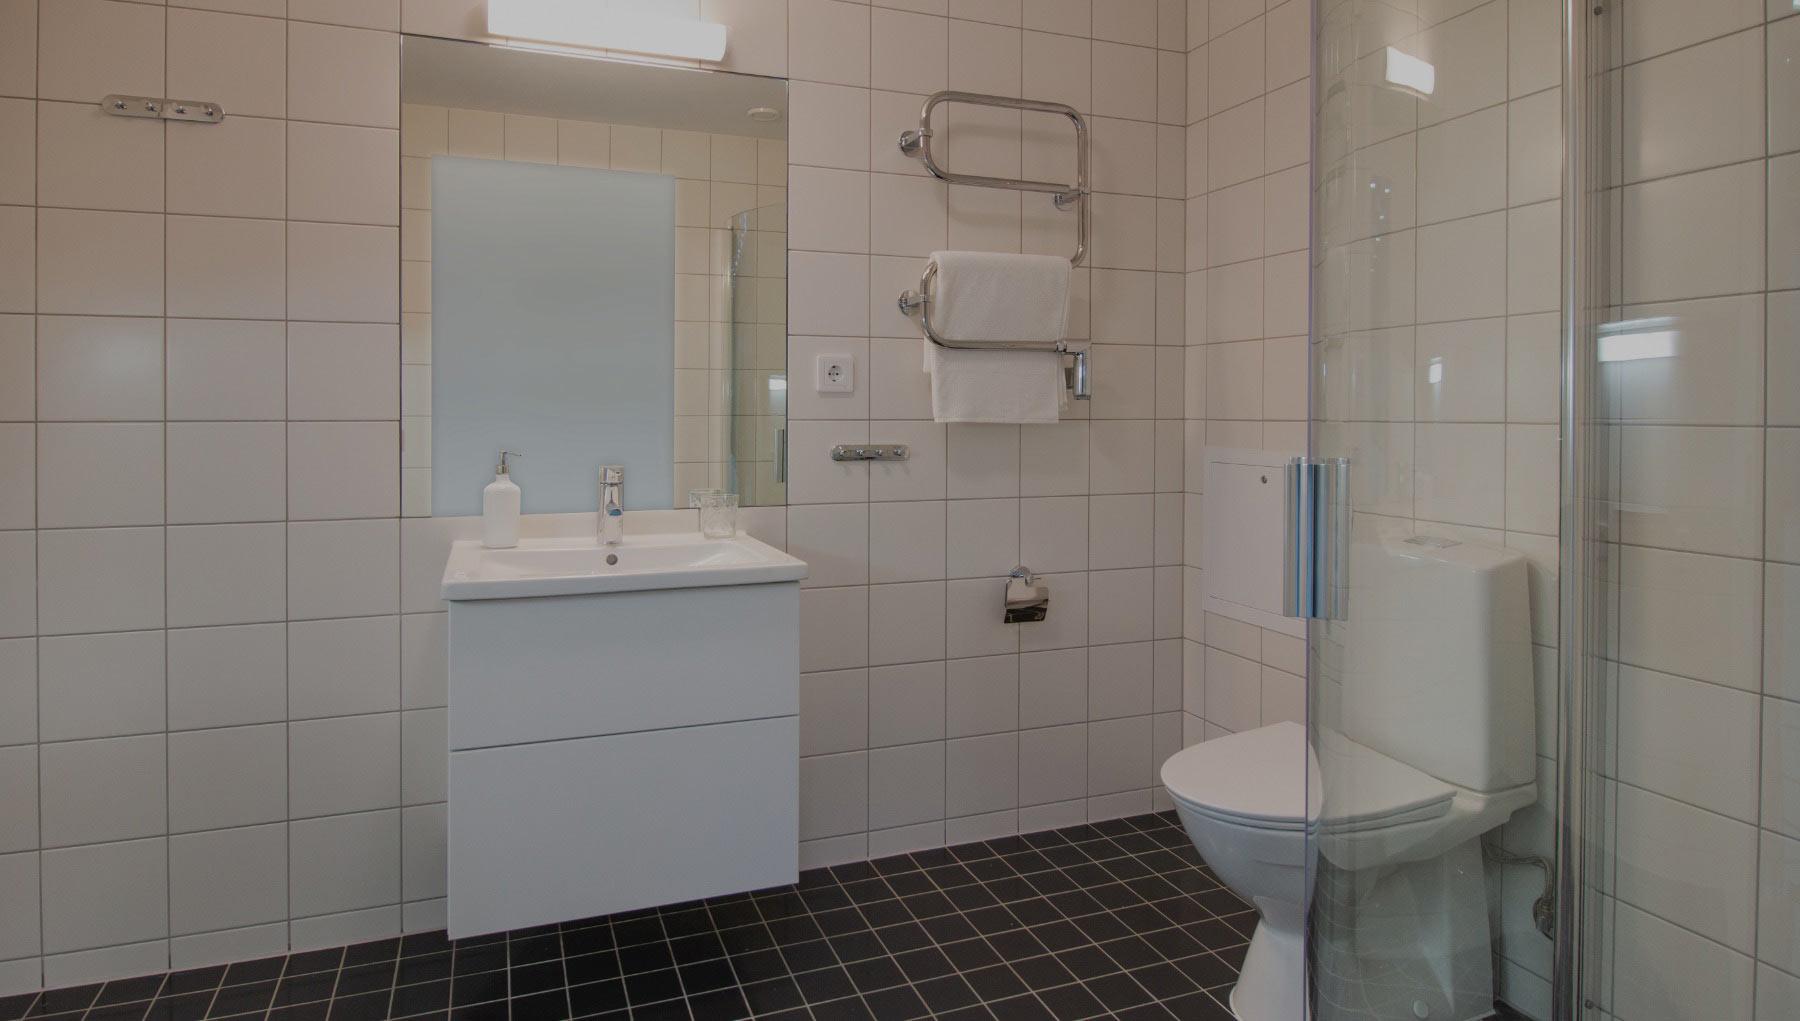 bagni-prefabbricati-per-residence